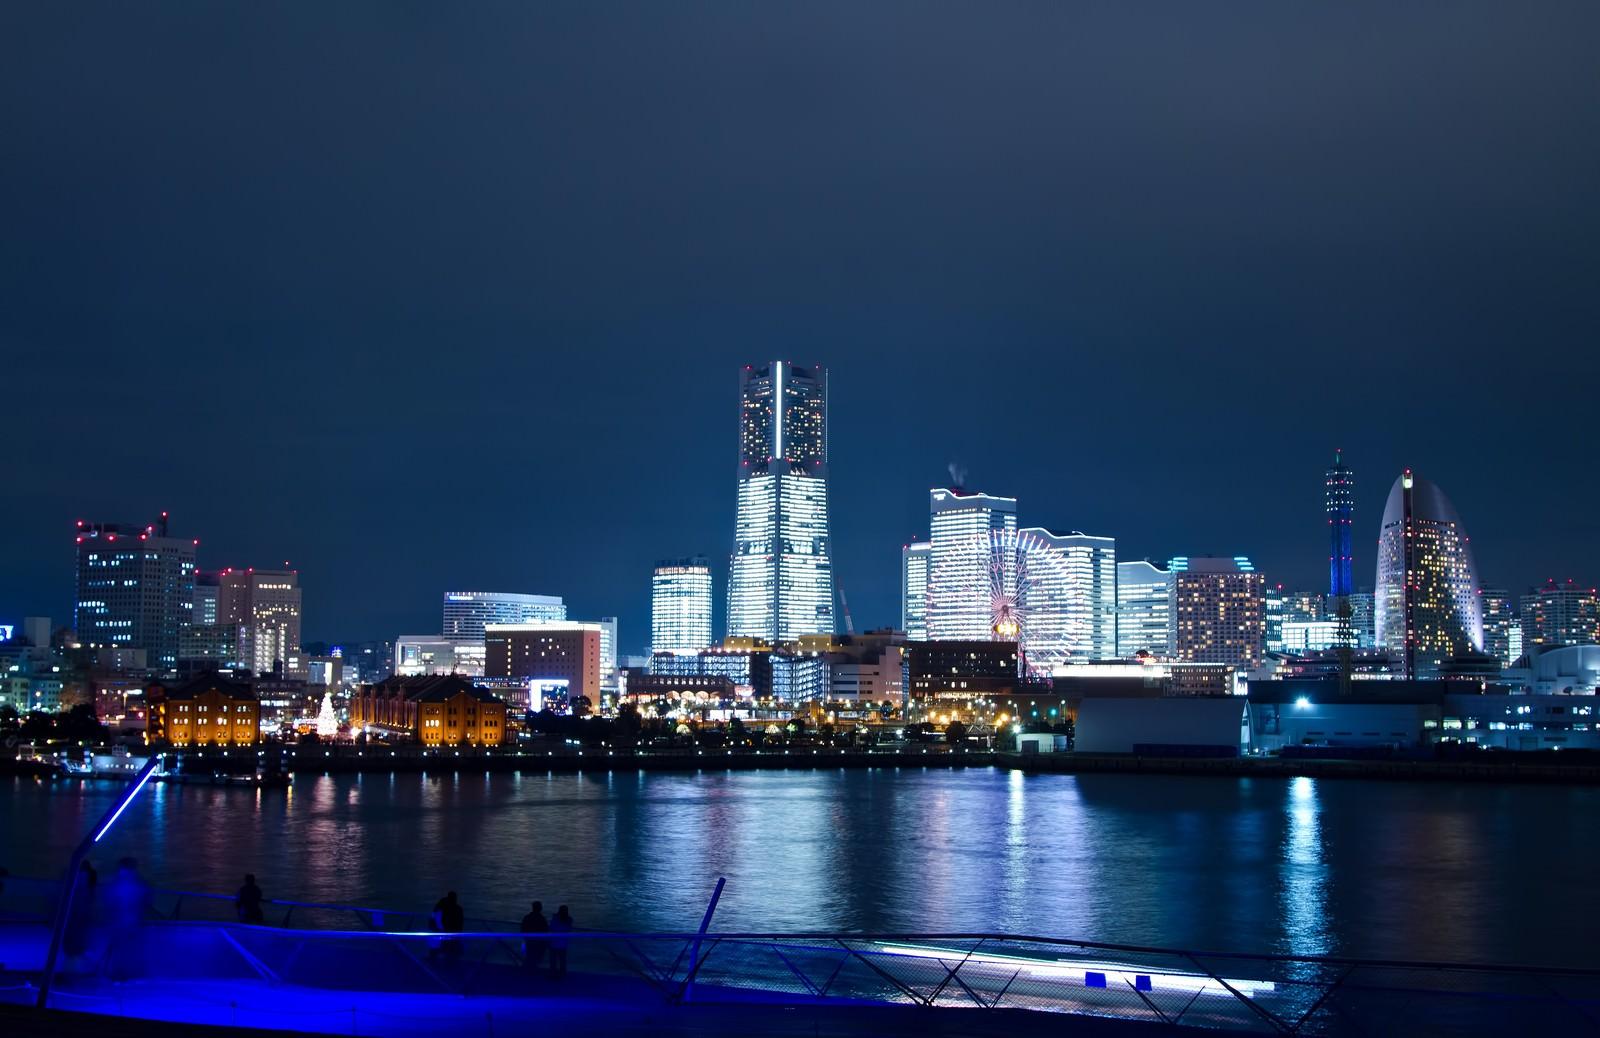 「大桟橋からみなとみらいの夜景」の写真